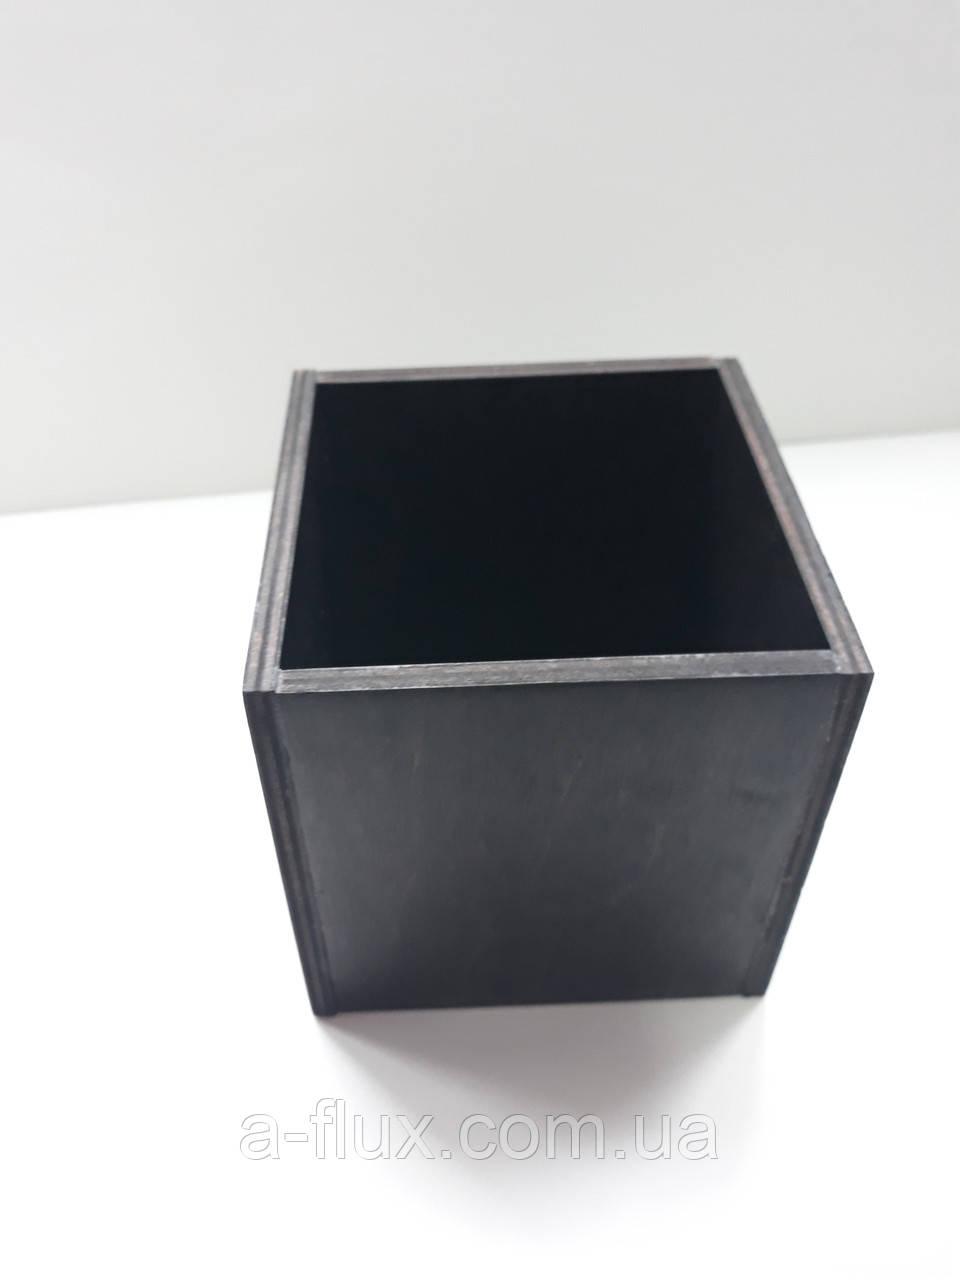 Коробка деревянная 10*10*10см Вилор 002377